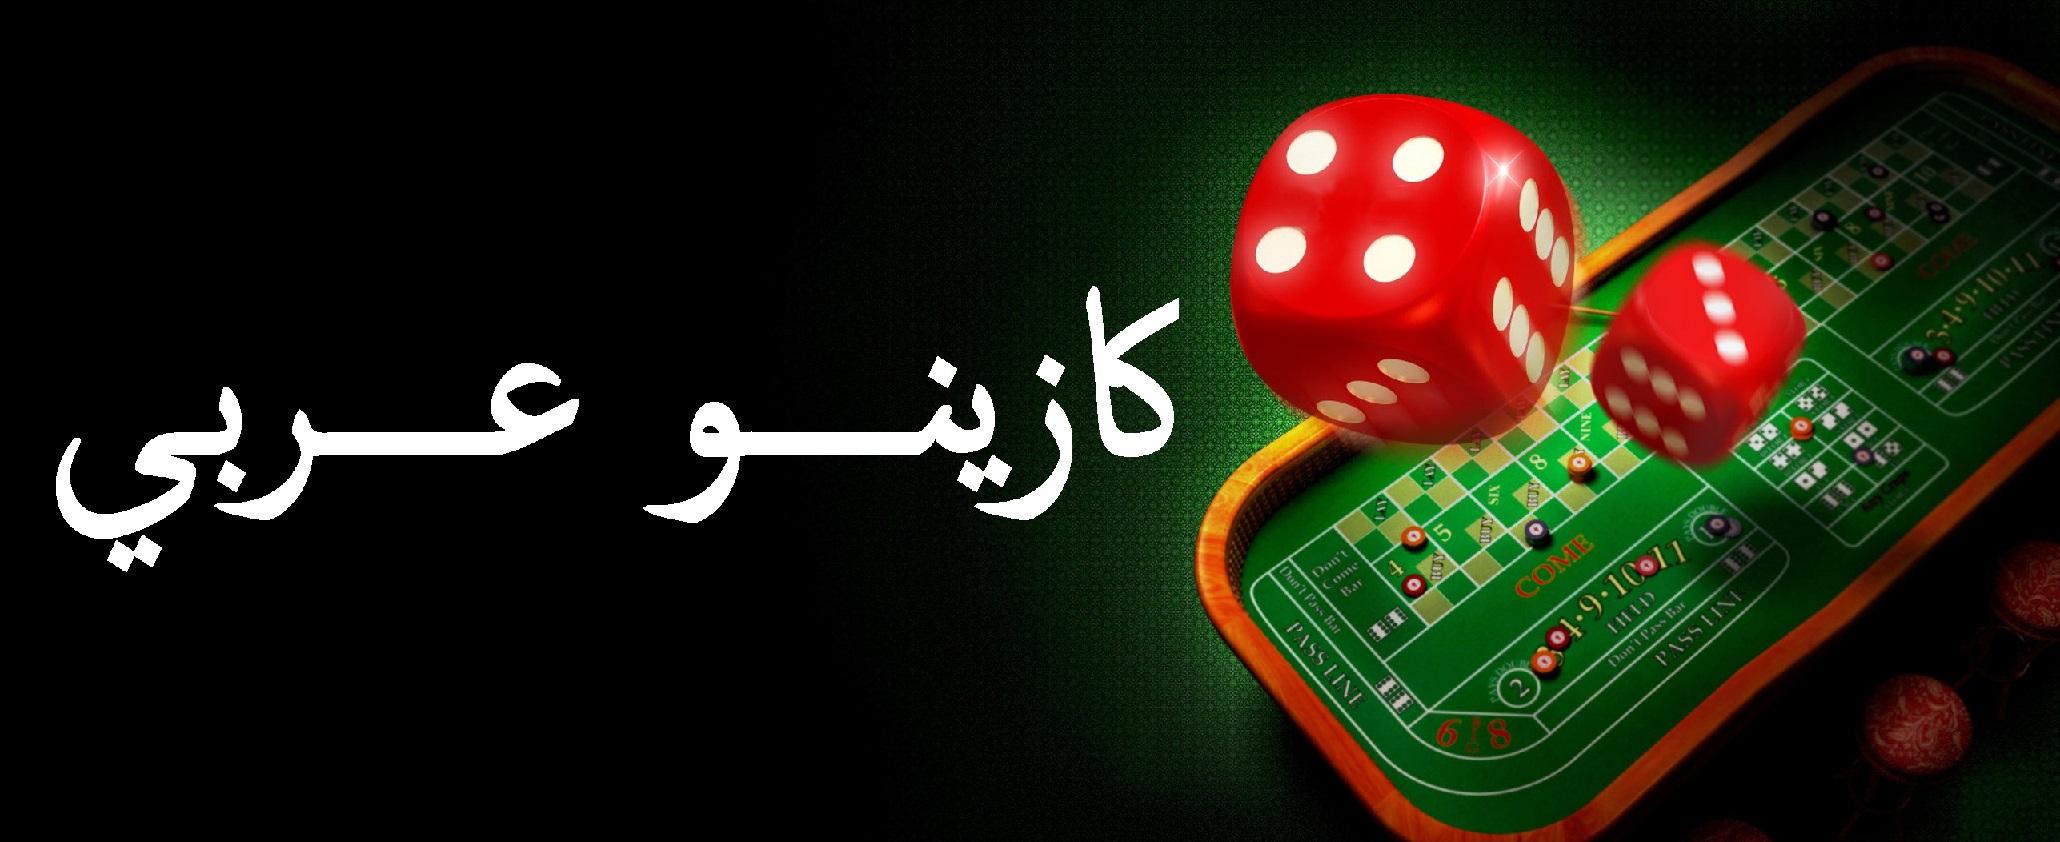 كيفية لعب باكارات - 34208